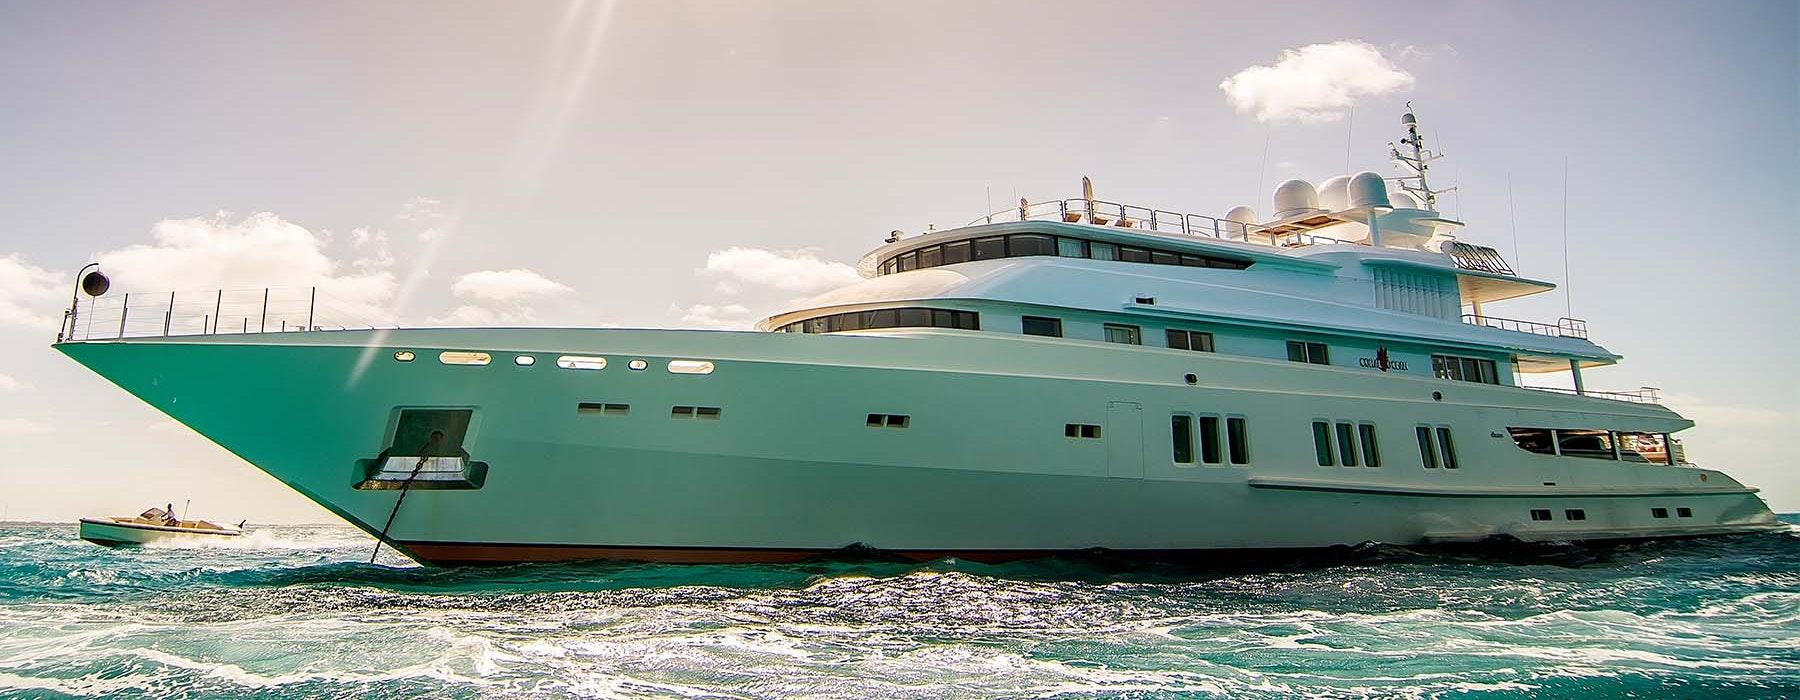 Lurssen CORAL OCEAN Now For Sale